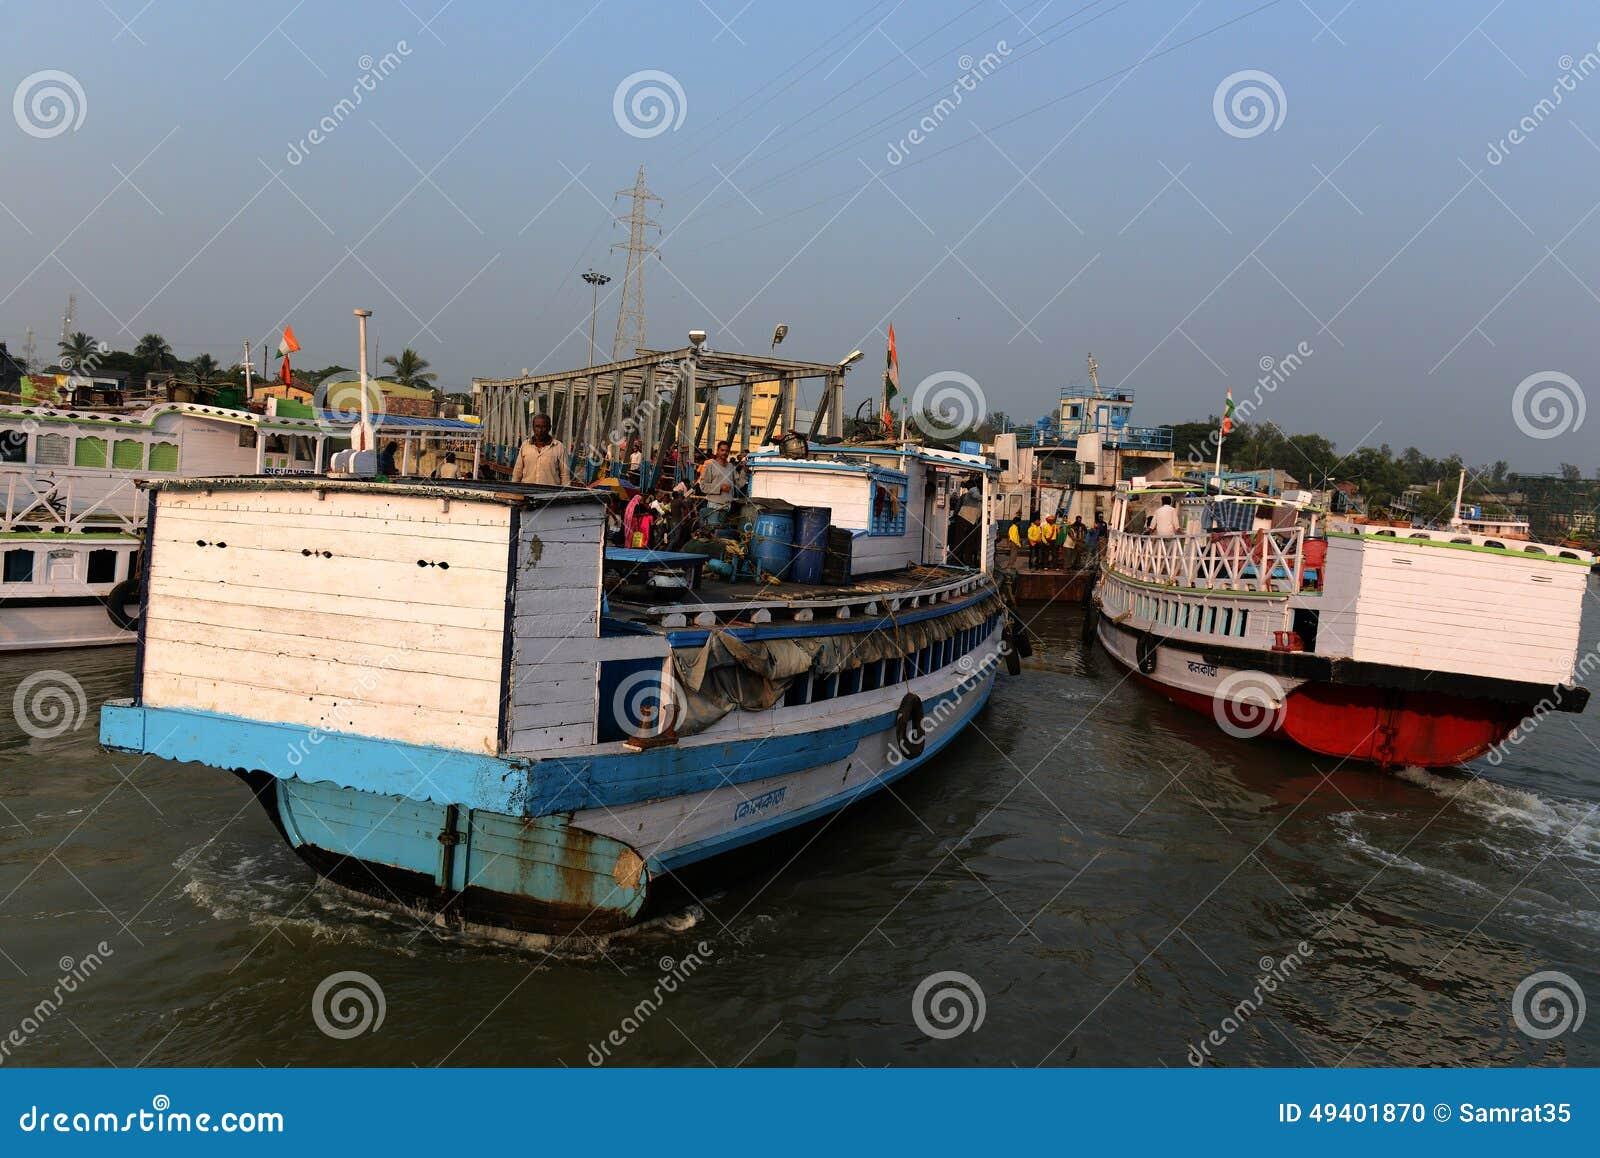 Download Gangasagar-Transport redaktionelles bild. Bild von asien - 49401870